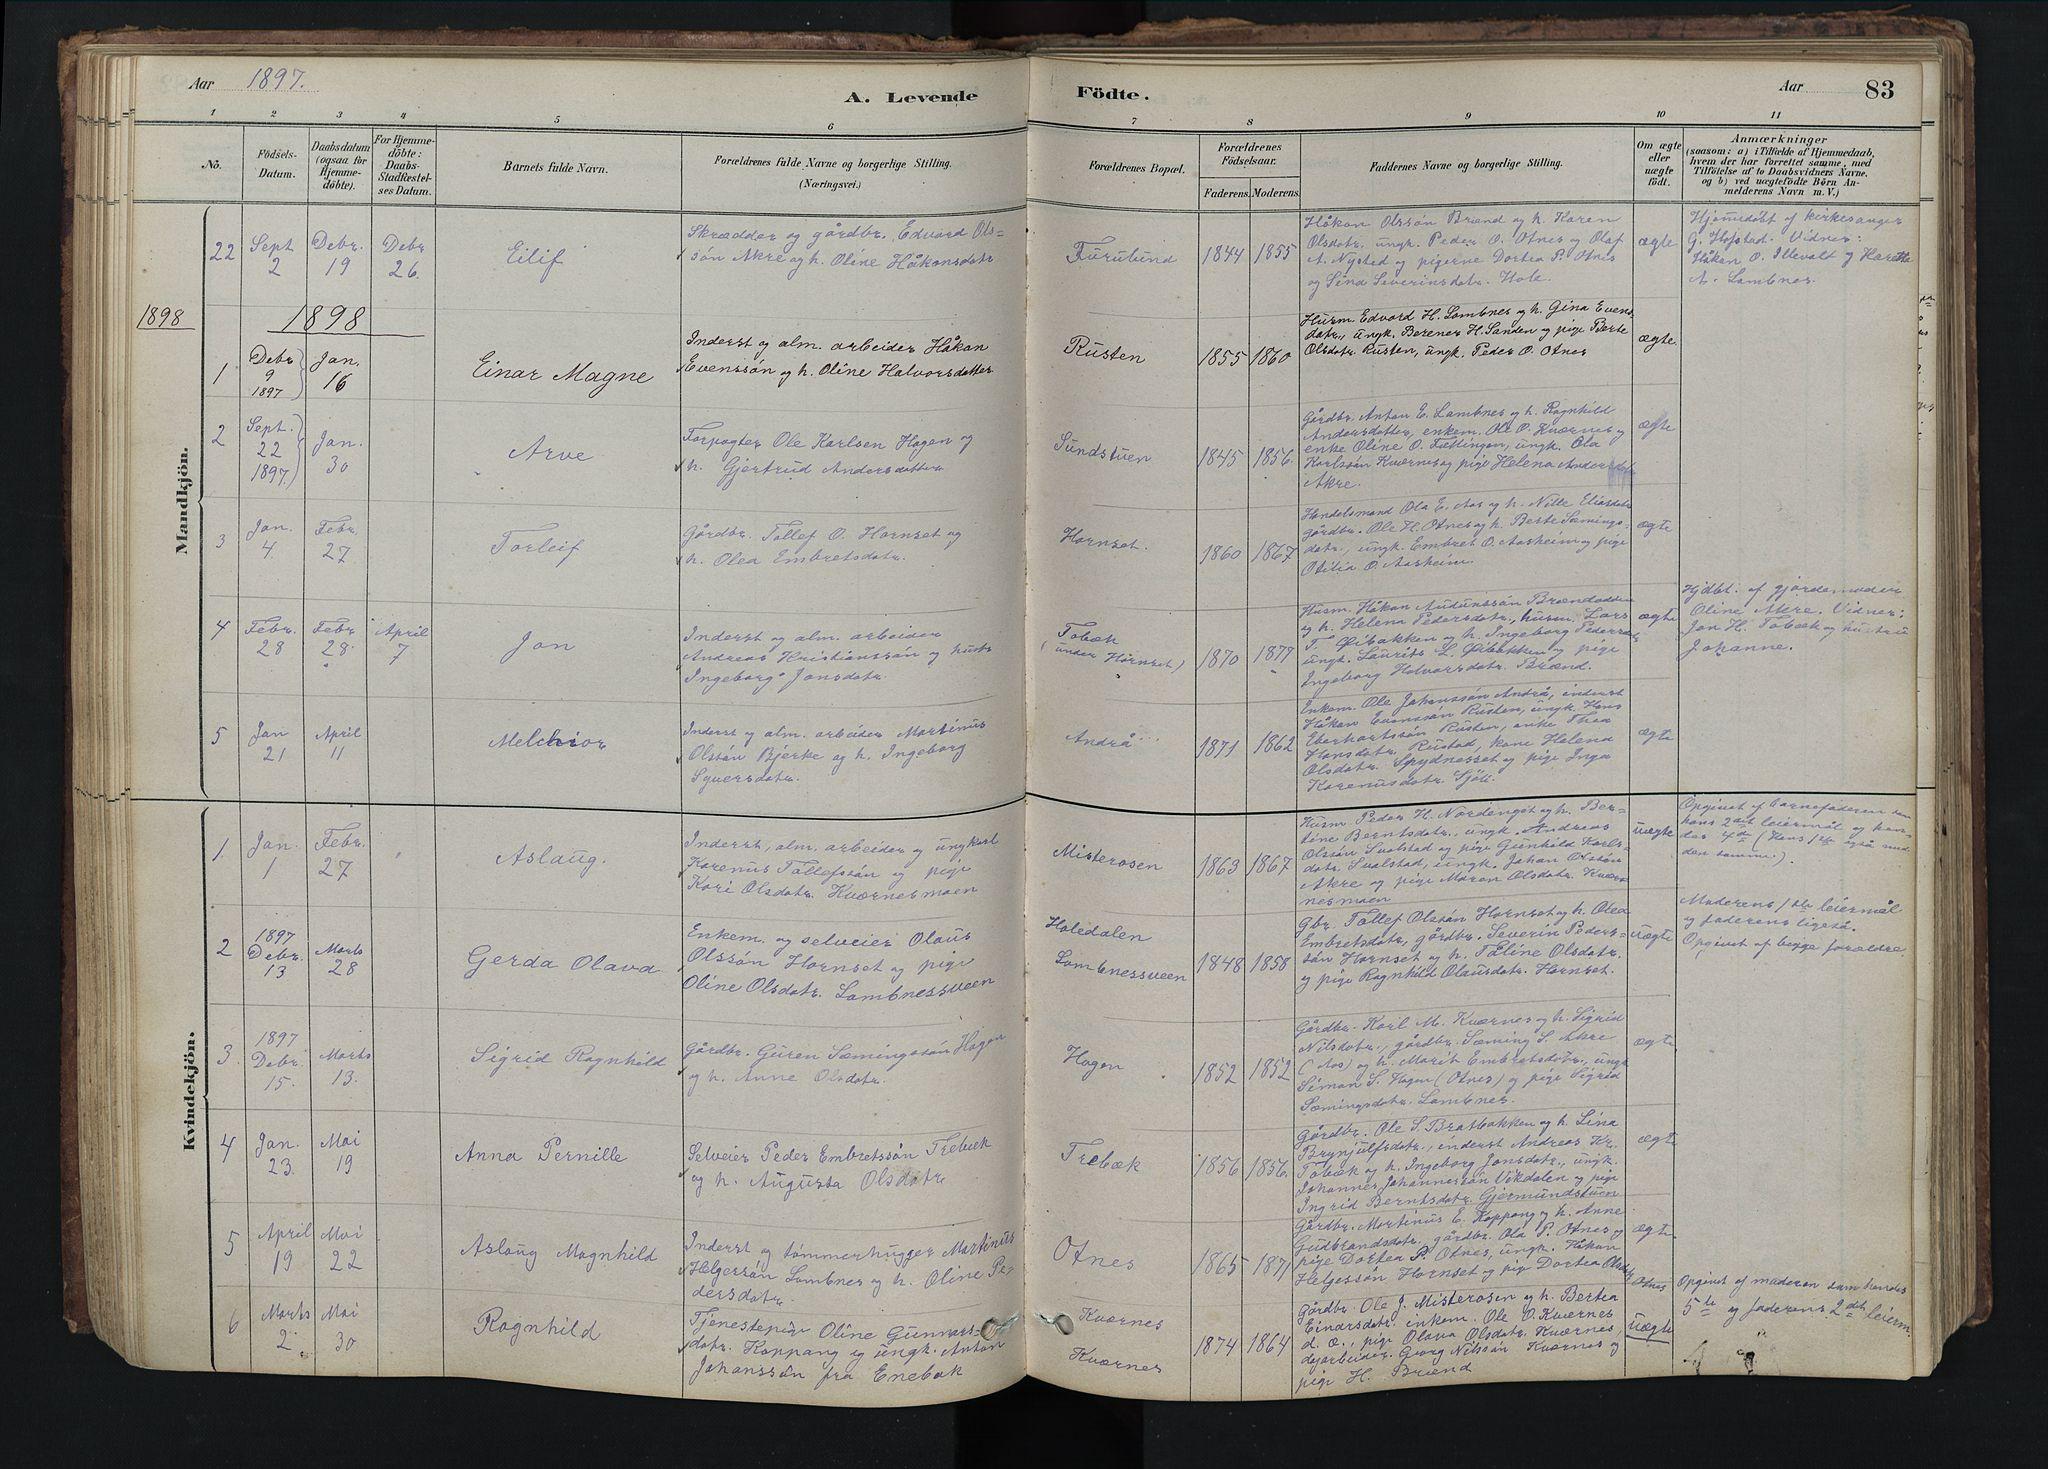 SAH, Rendalen prestekontor, H/Ha/Hab/L0009: Klokkerbok nr. 9, 1879-1902, s. 83